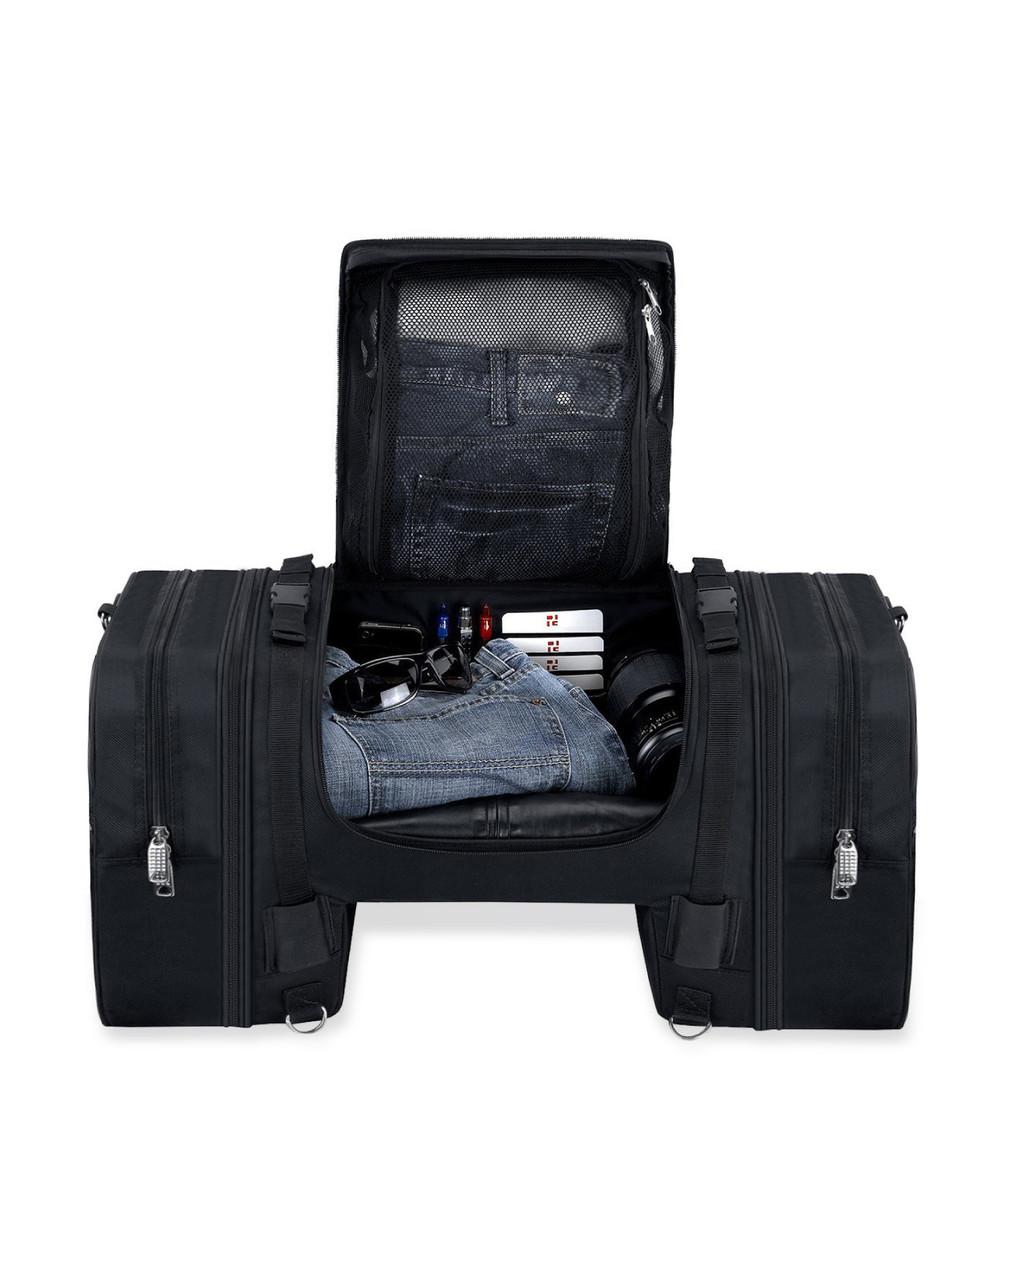 Suzuki Viking Expandable Cruiser Motorcycle Tail Bag Storage View